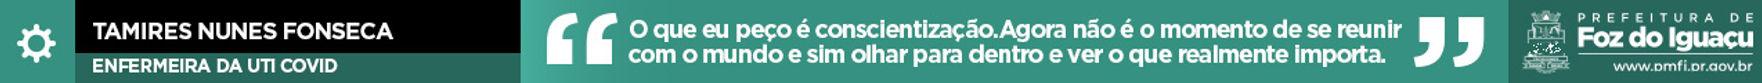 BANNER_1280X60_CONSCIENTIZAÇÃO_COVID_Tam